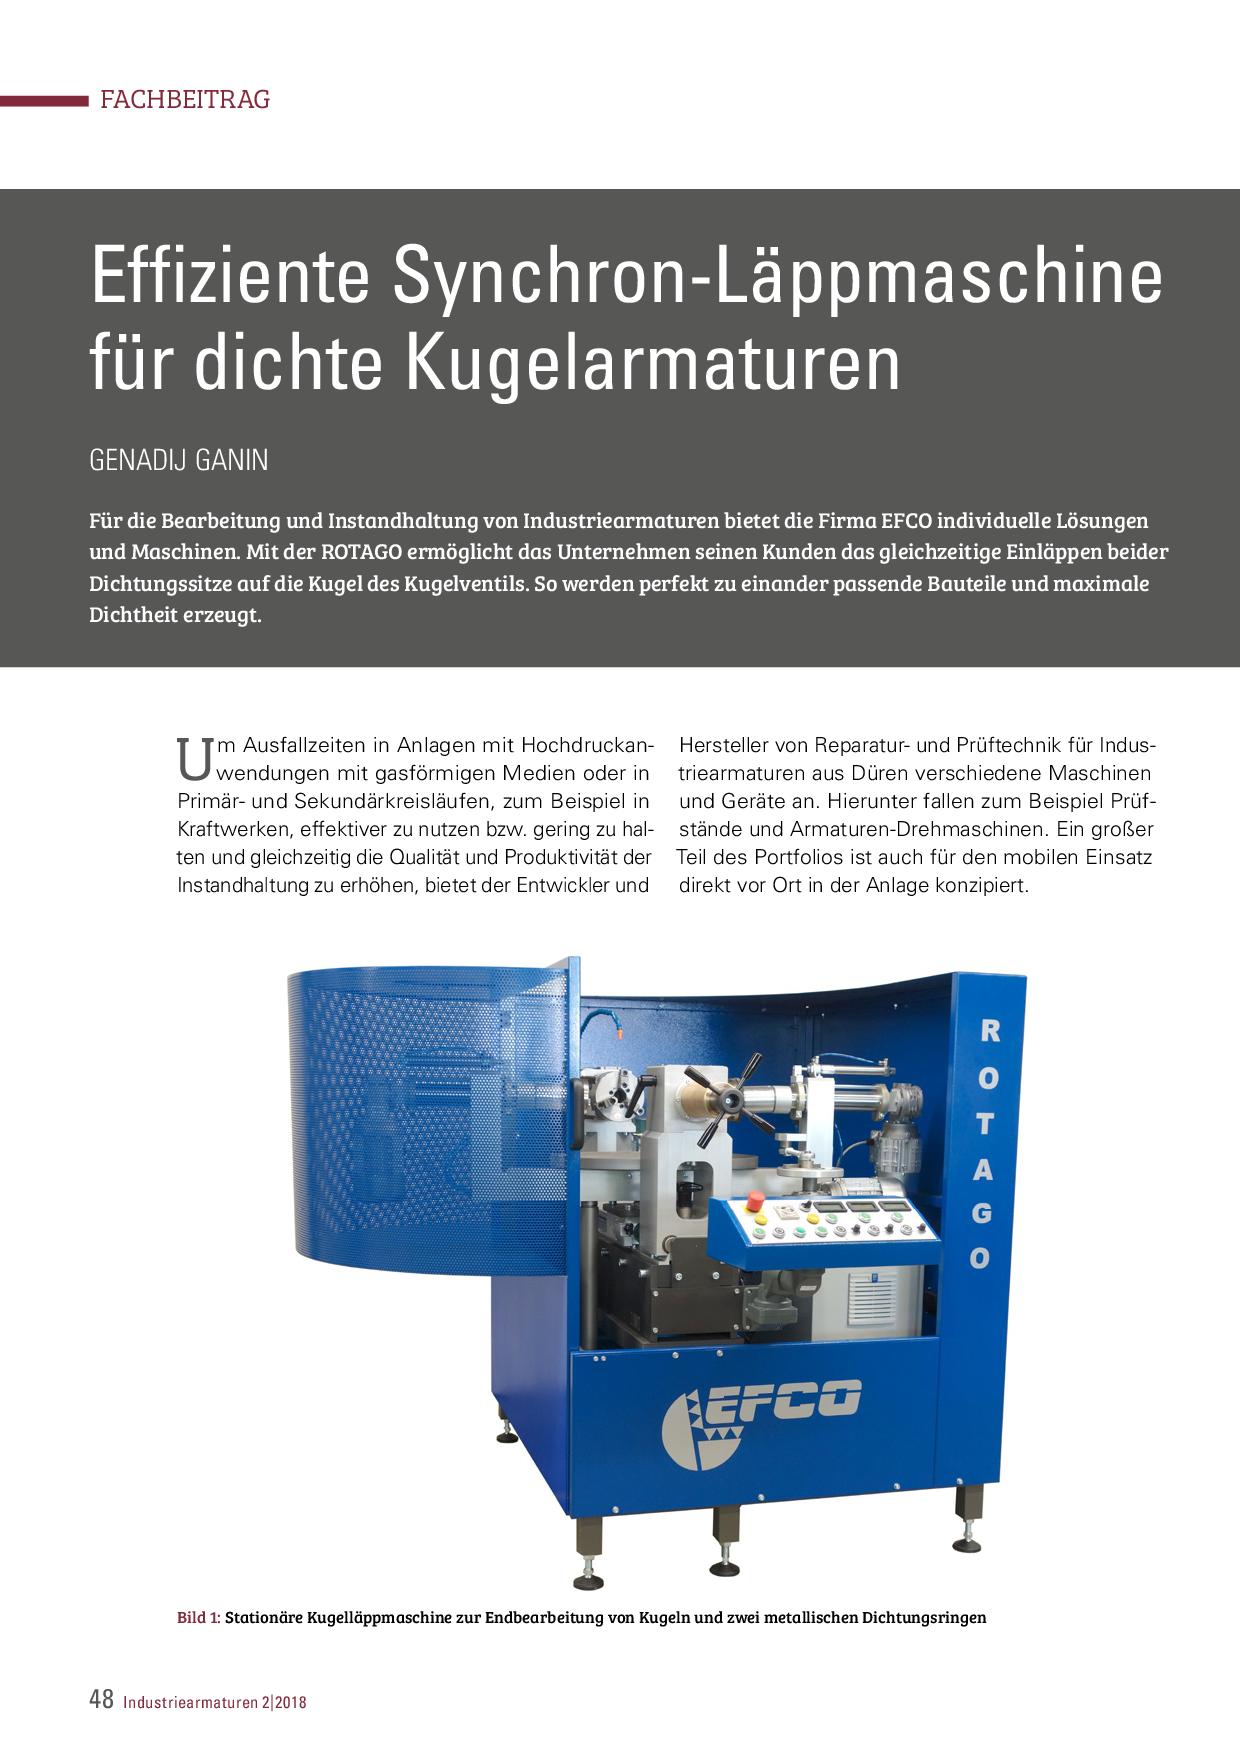 Effiziente Synchron-Läppmaschine für dichte Kugelarmaturen